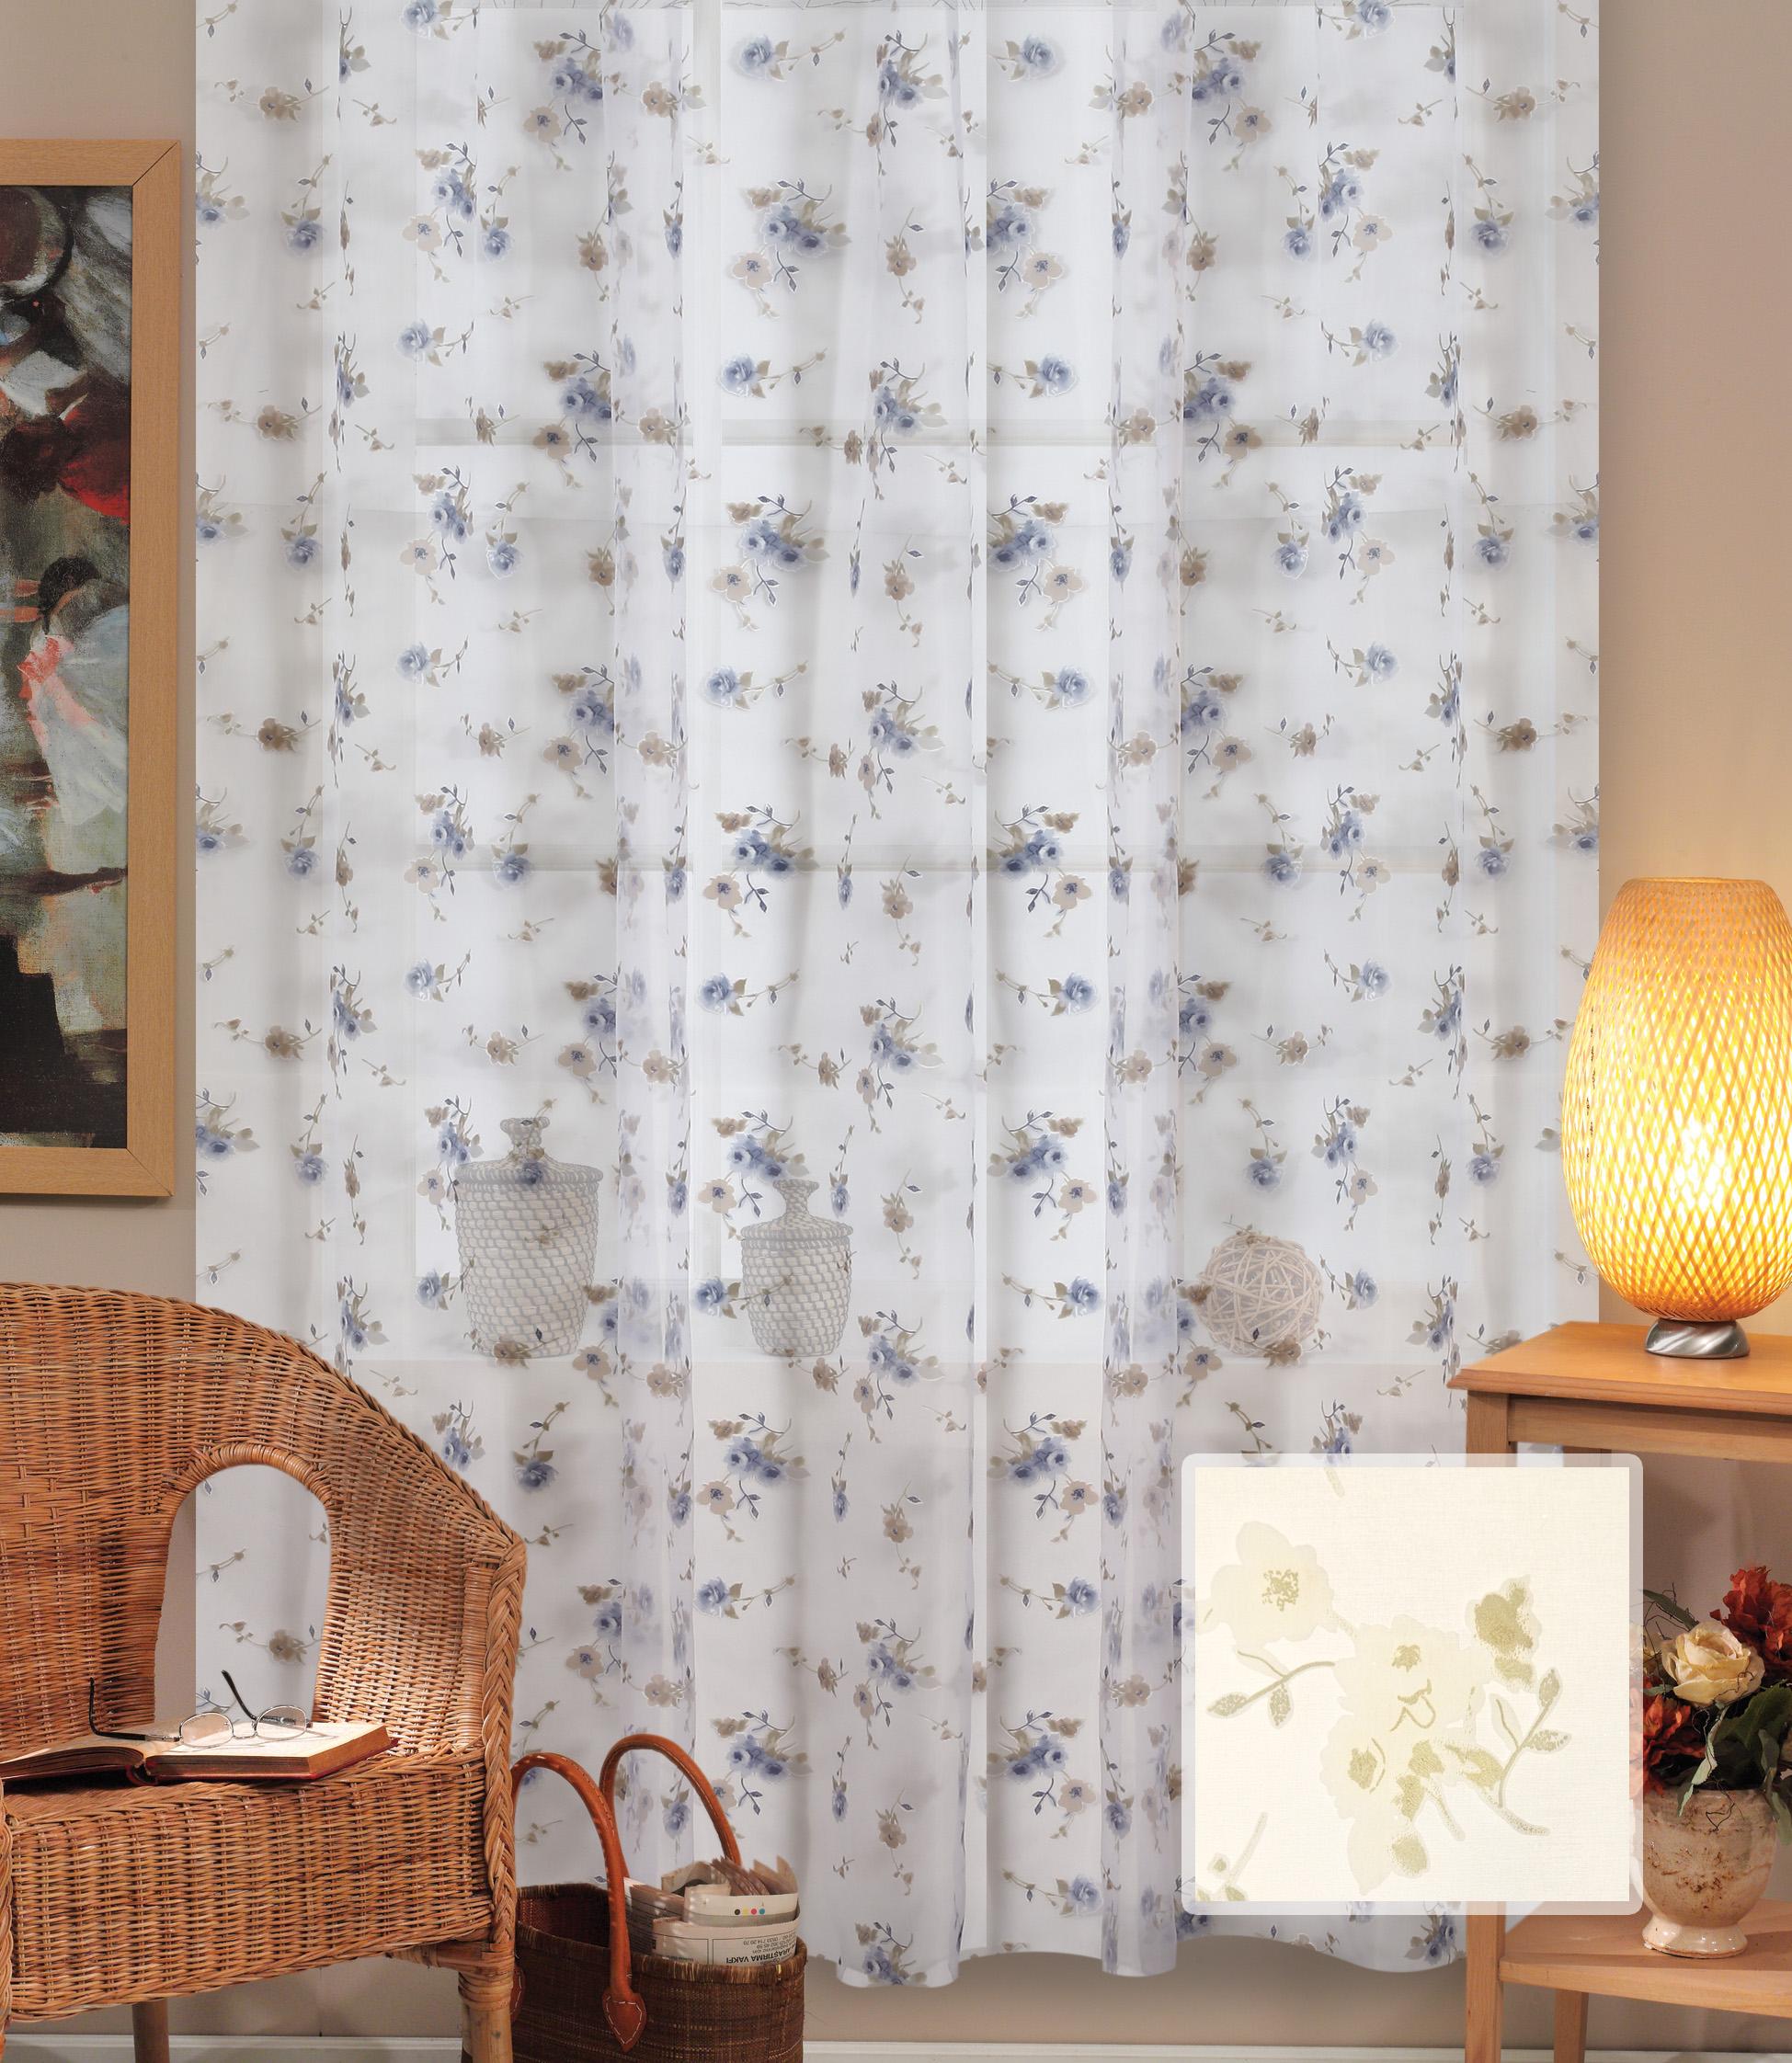 Шторы Miranda Классические шторы Мелкий Цветочек Цвет: Кремовый шторы tac классические шторы winx цвет персиковый 200x265 см